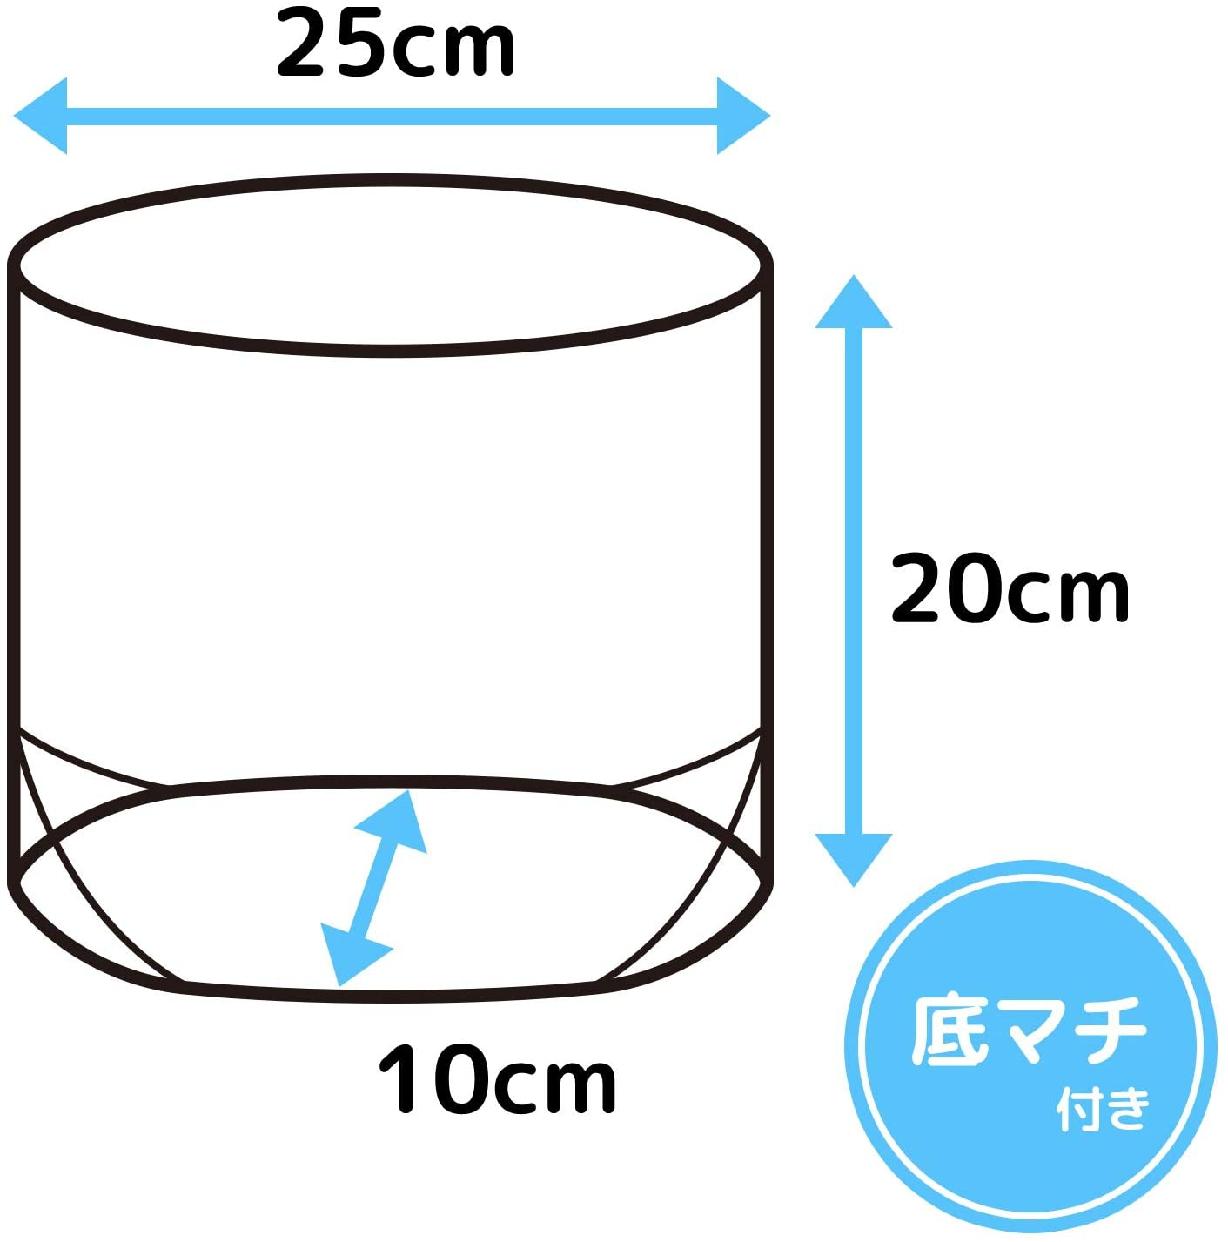 LEC(レック) 立てる 水切り袋 クリアカラー (100枚パック)  K00175の商品画像4